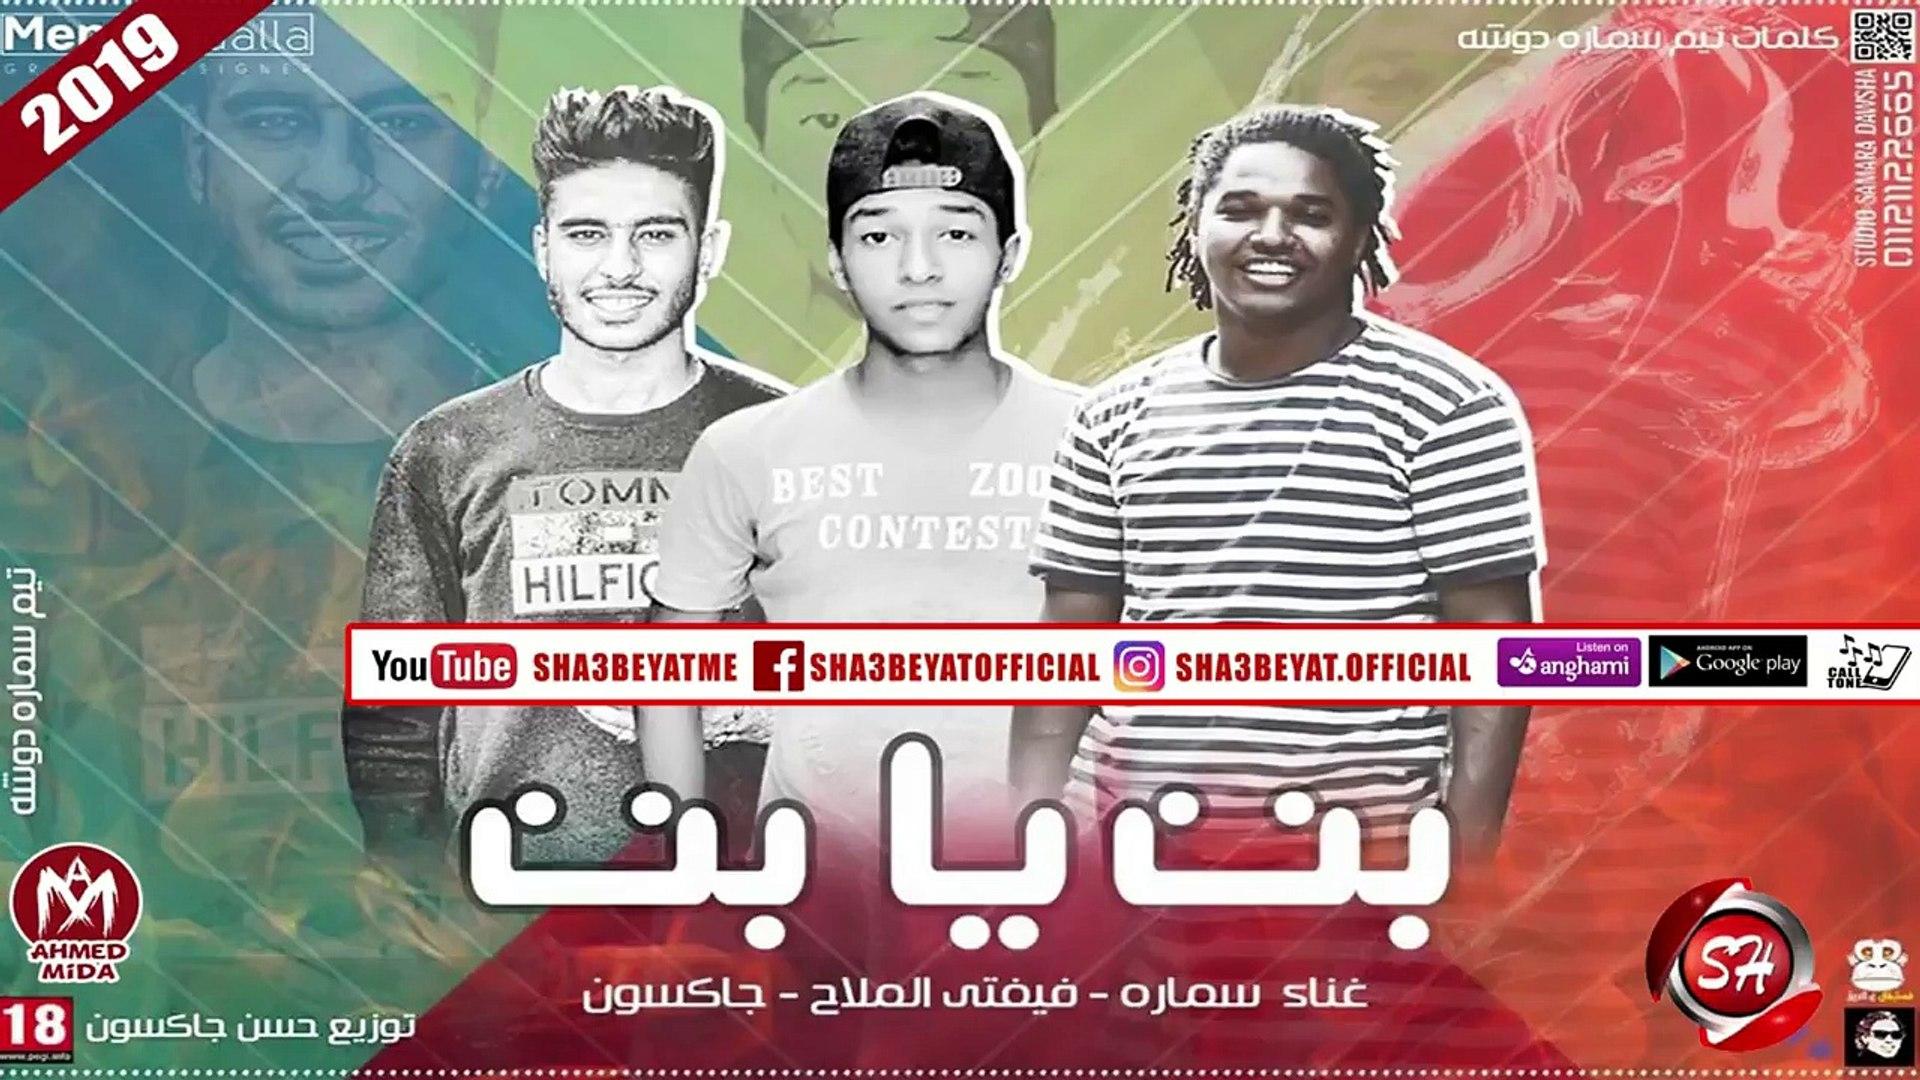 مهرجان بت يا بت غناء سماره فيفتى الملاح جاكسون 2018 على شعبيات